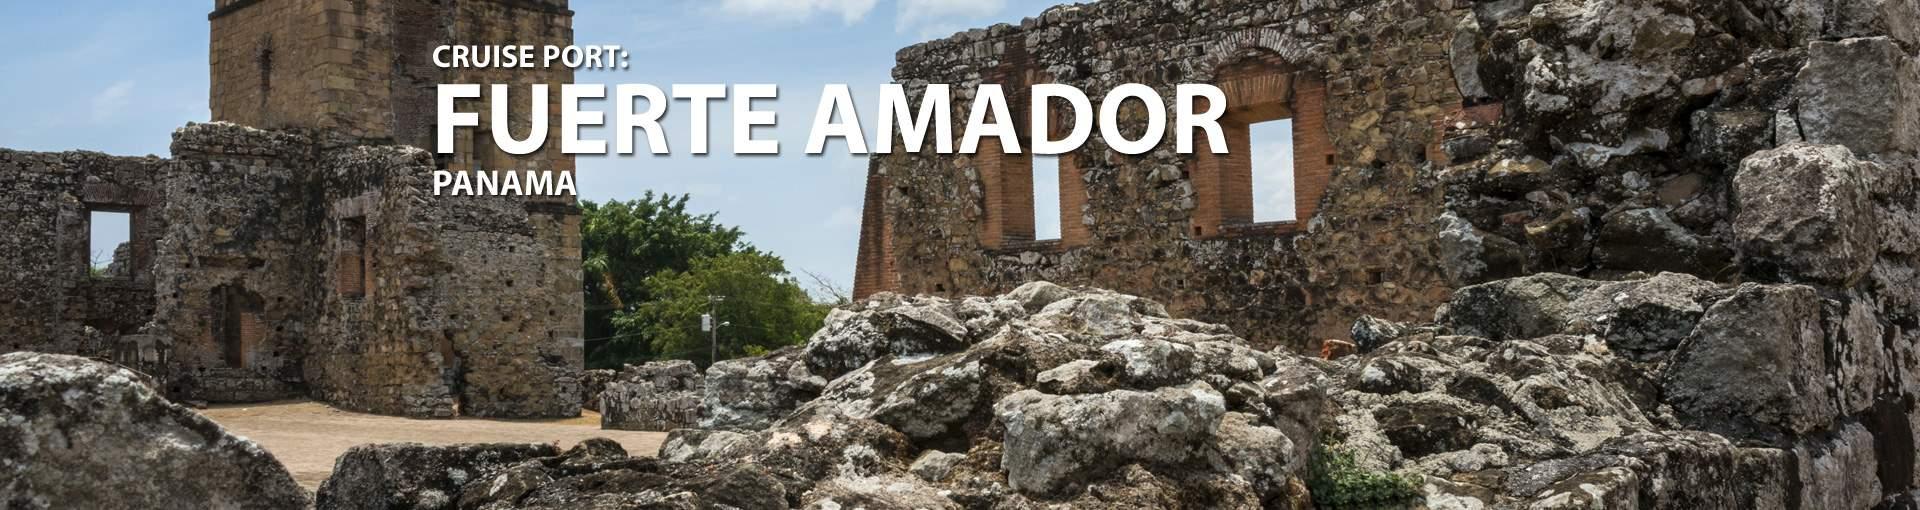 Cruises to Fuerte Amador, Panama